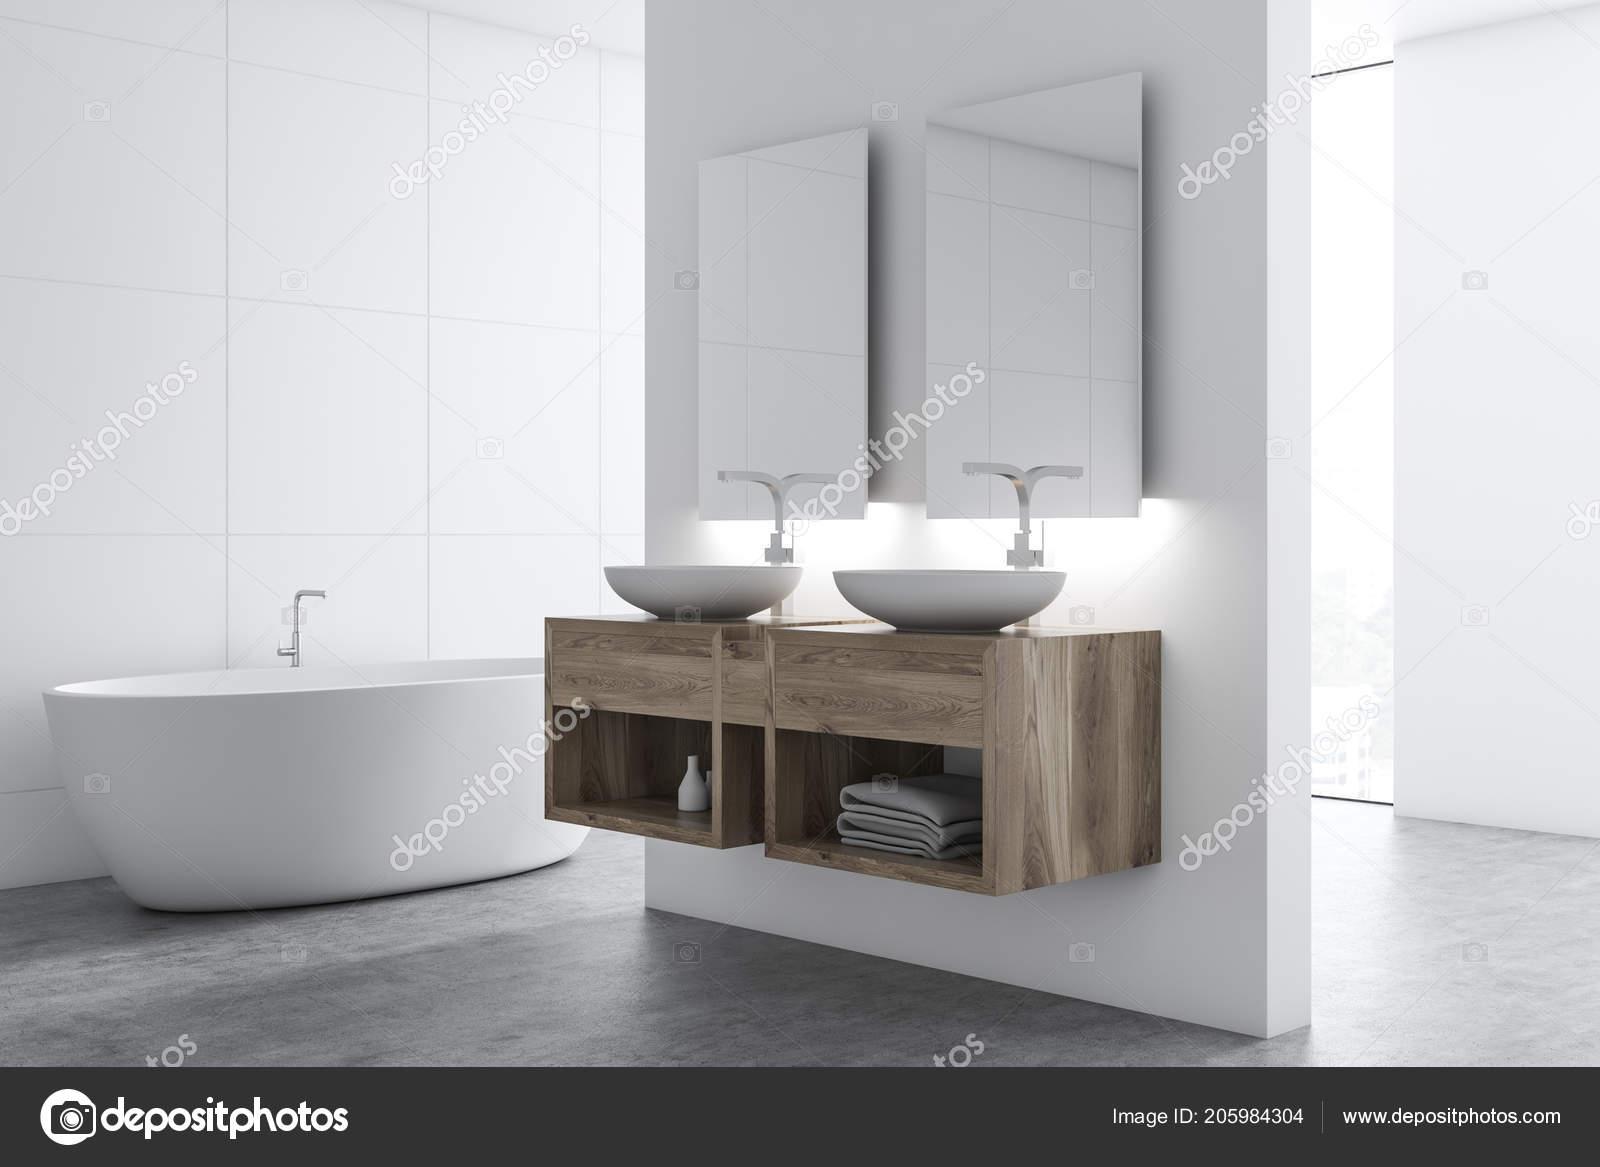 Vasca Da Bagno Verticale : Doppio lavandino del bagno con due specchi verticali una parete